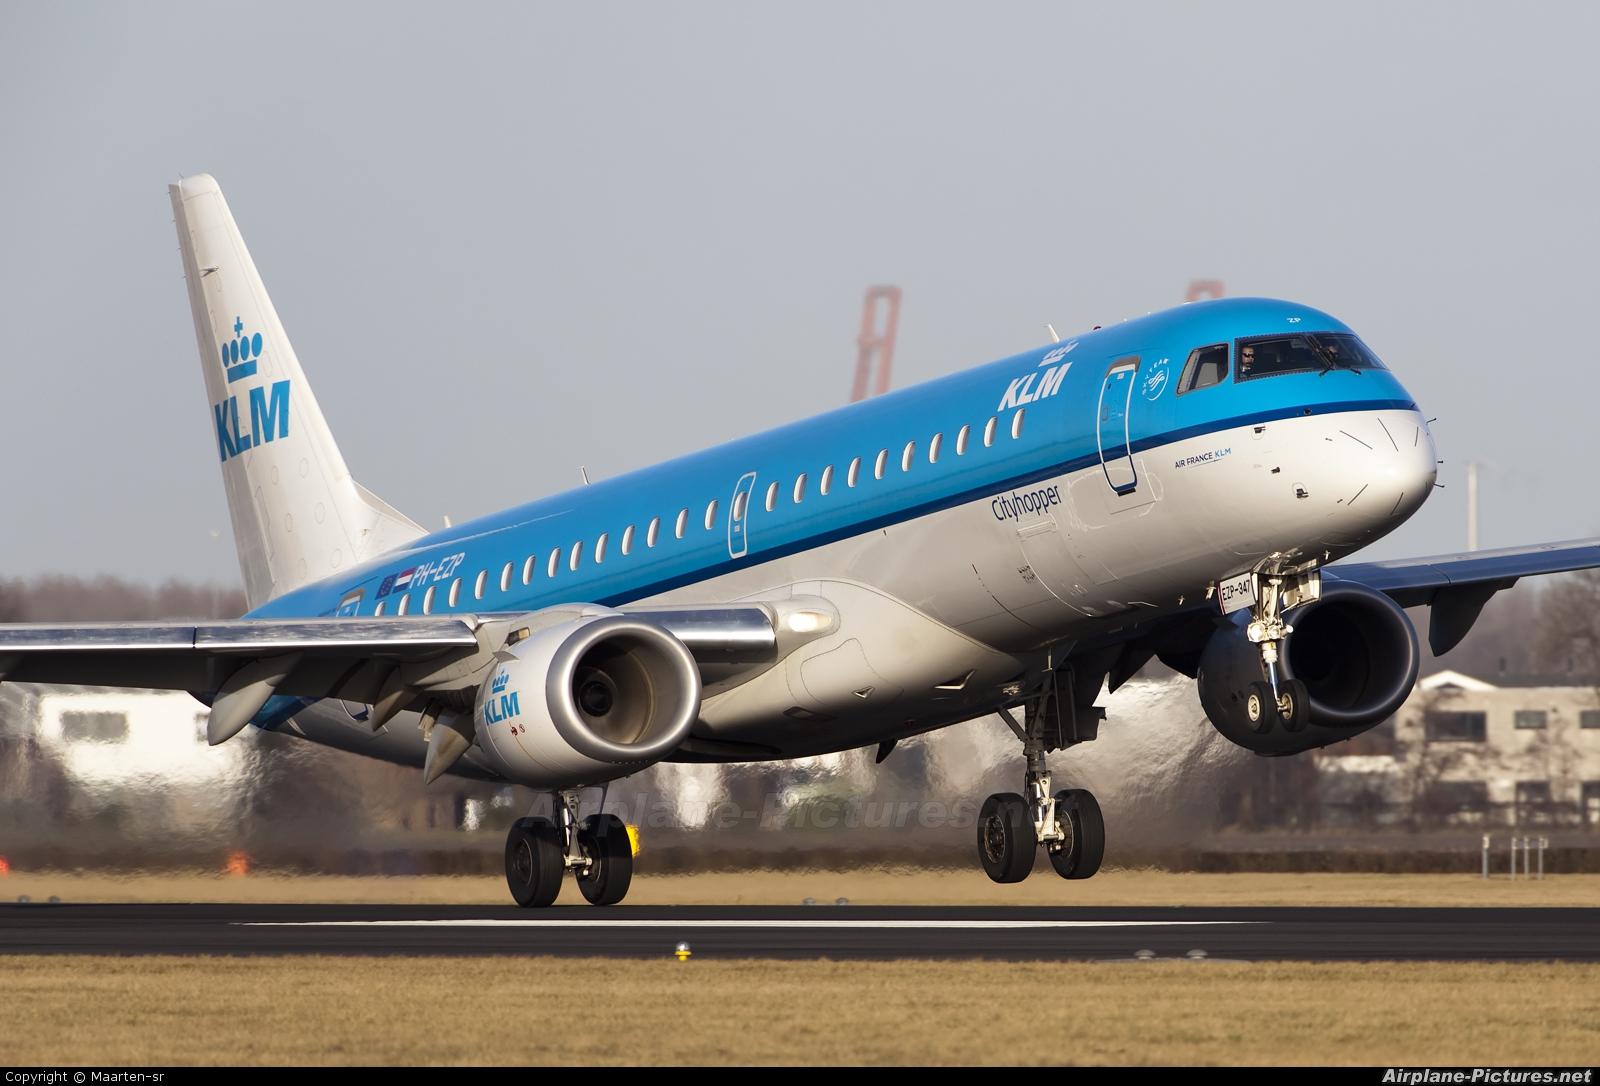 KLM Cityhopper PH-EZP aircraft at Amsterdam - Schiphol